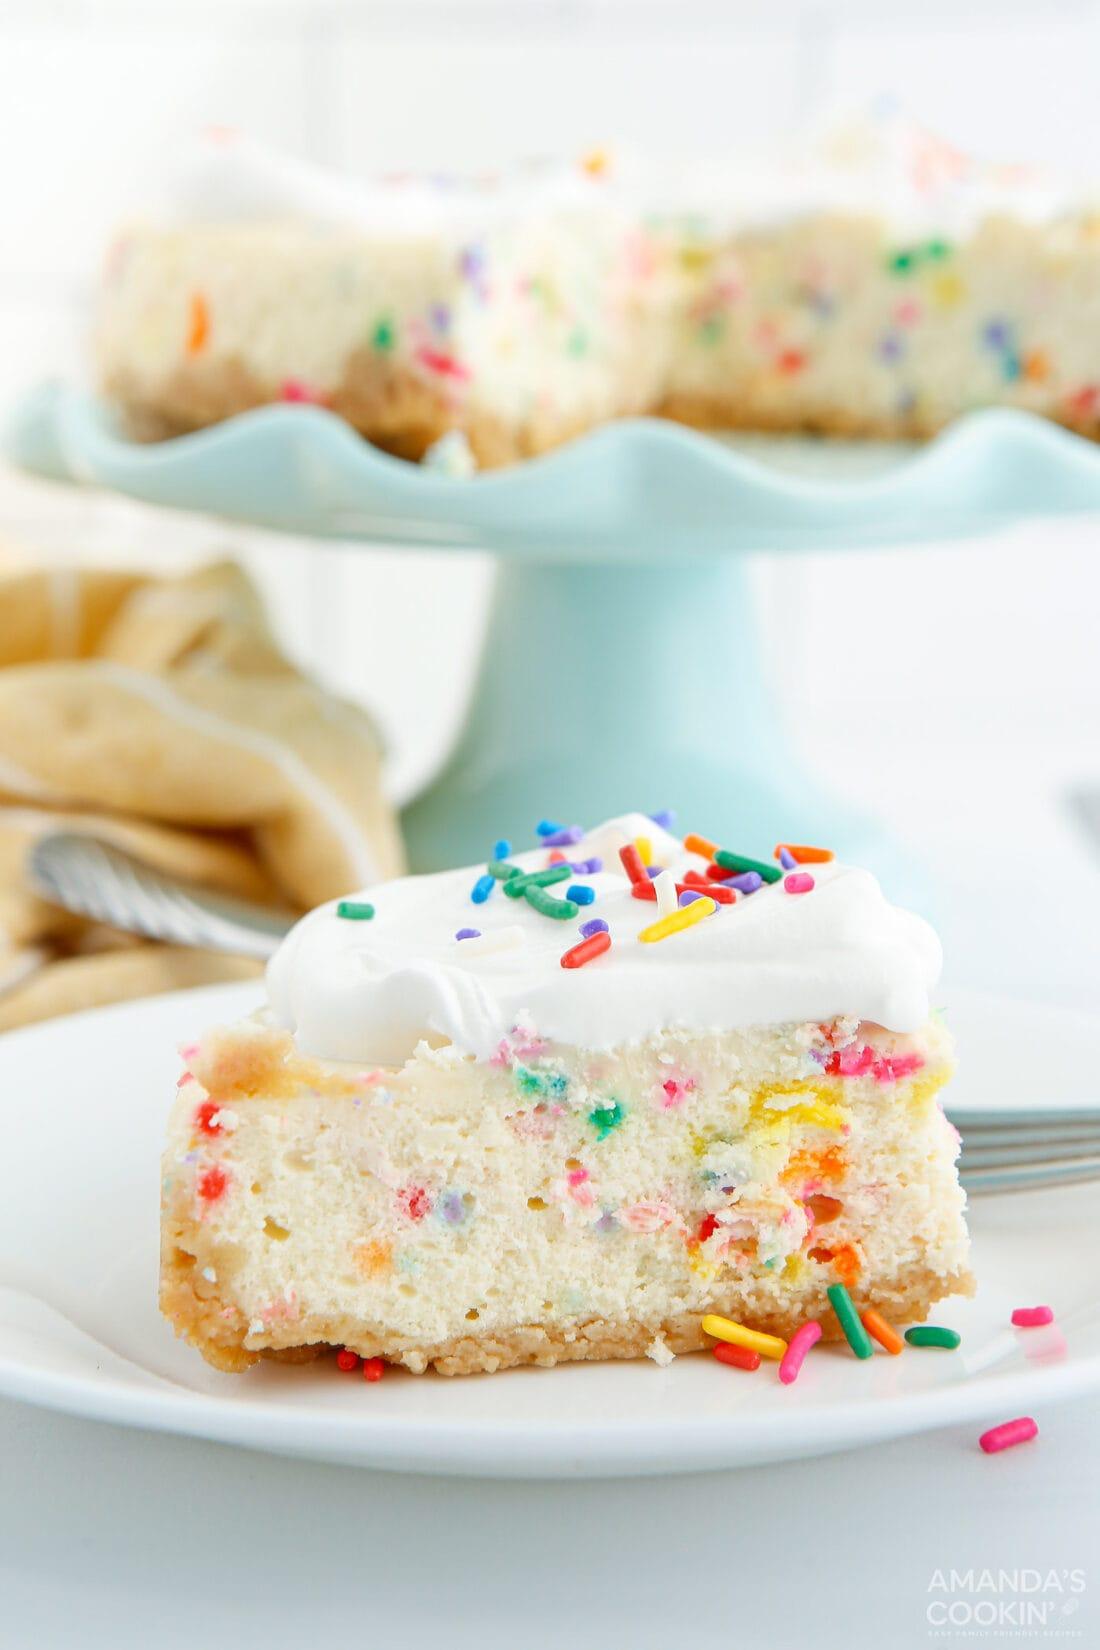 slice of Instant Pot Funfetti Cheesecake